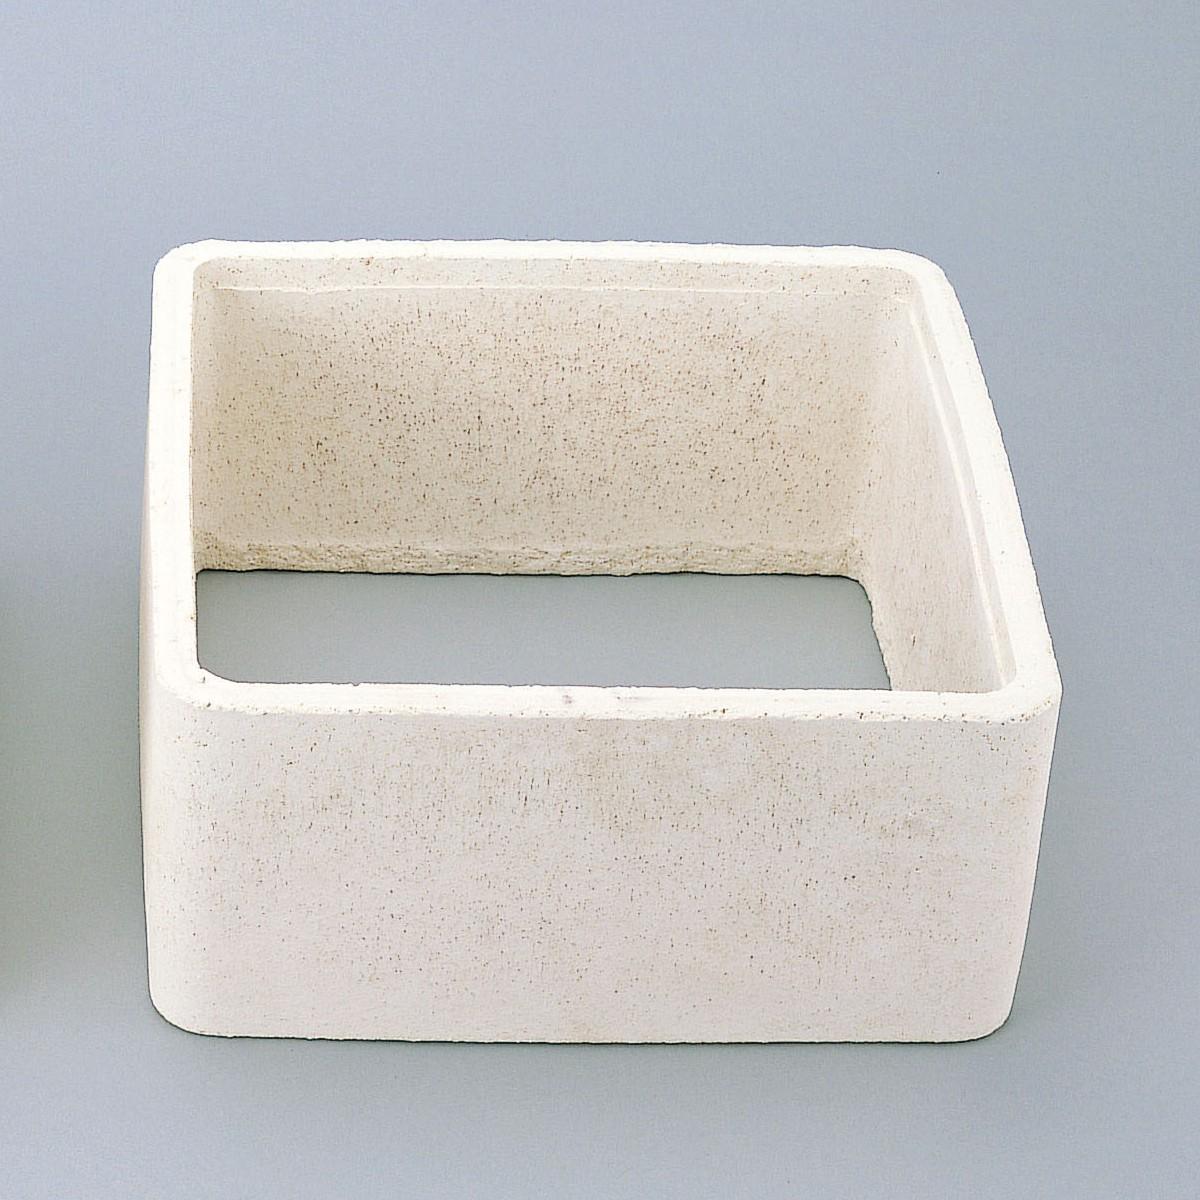 サヤ鉢 角 2個組 底なし 265mm角 【 陶芸 陶芸窯 さや 】